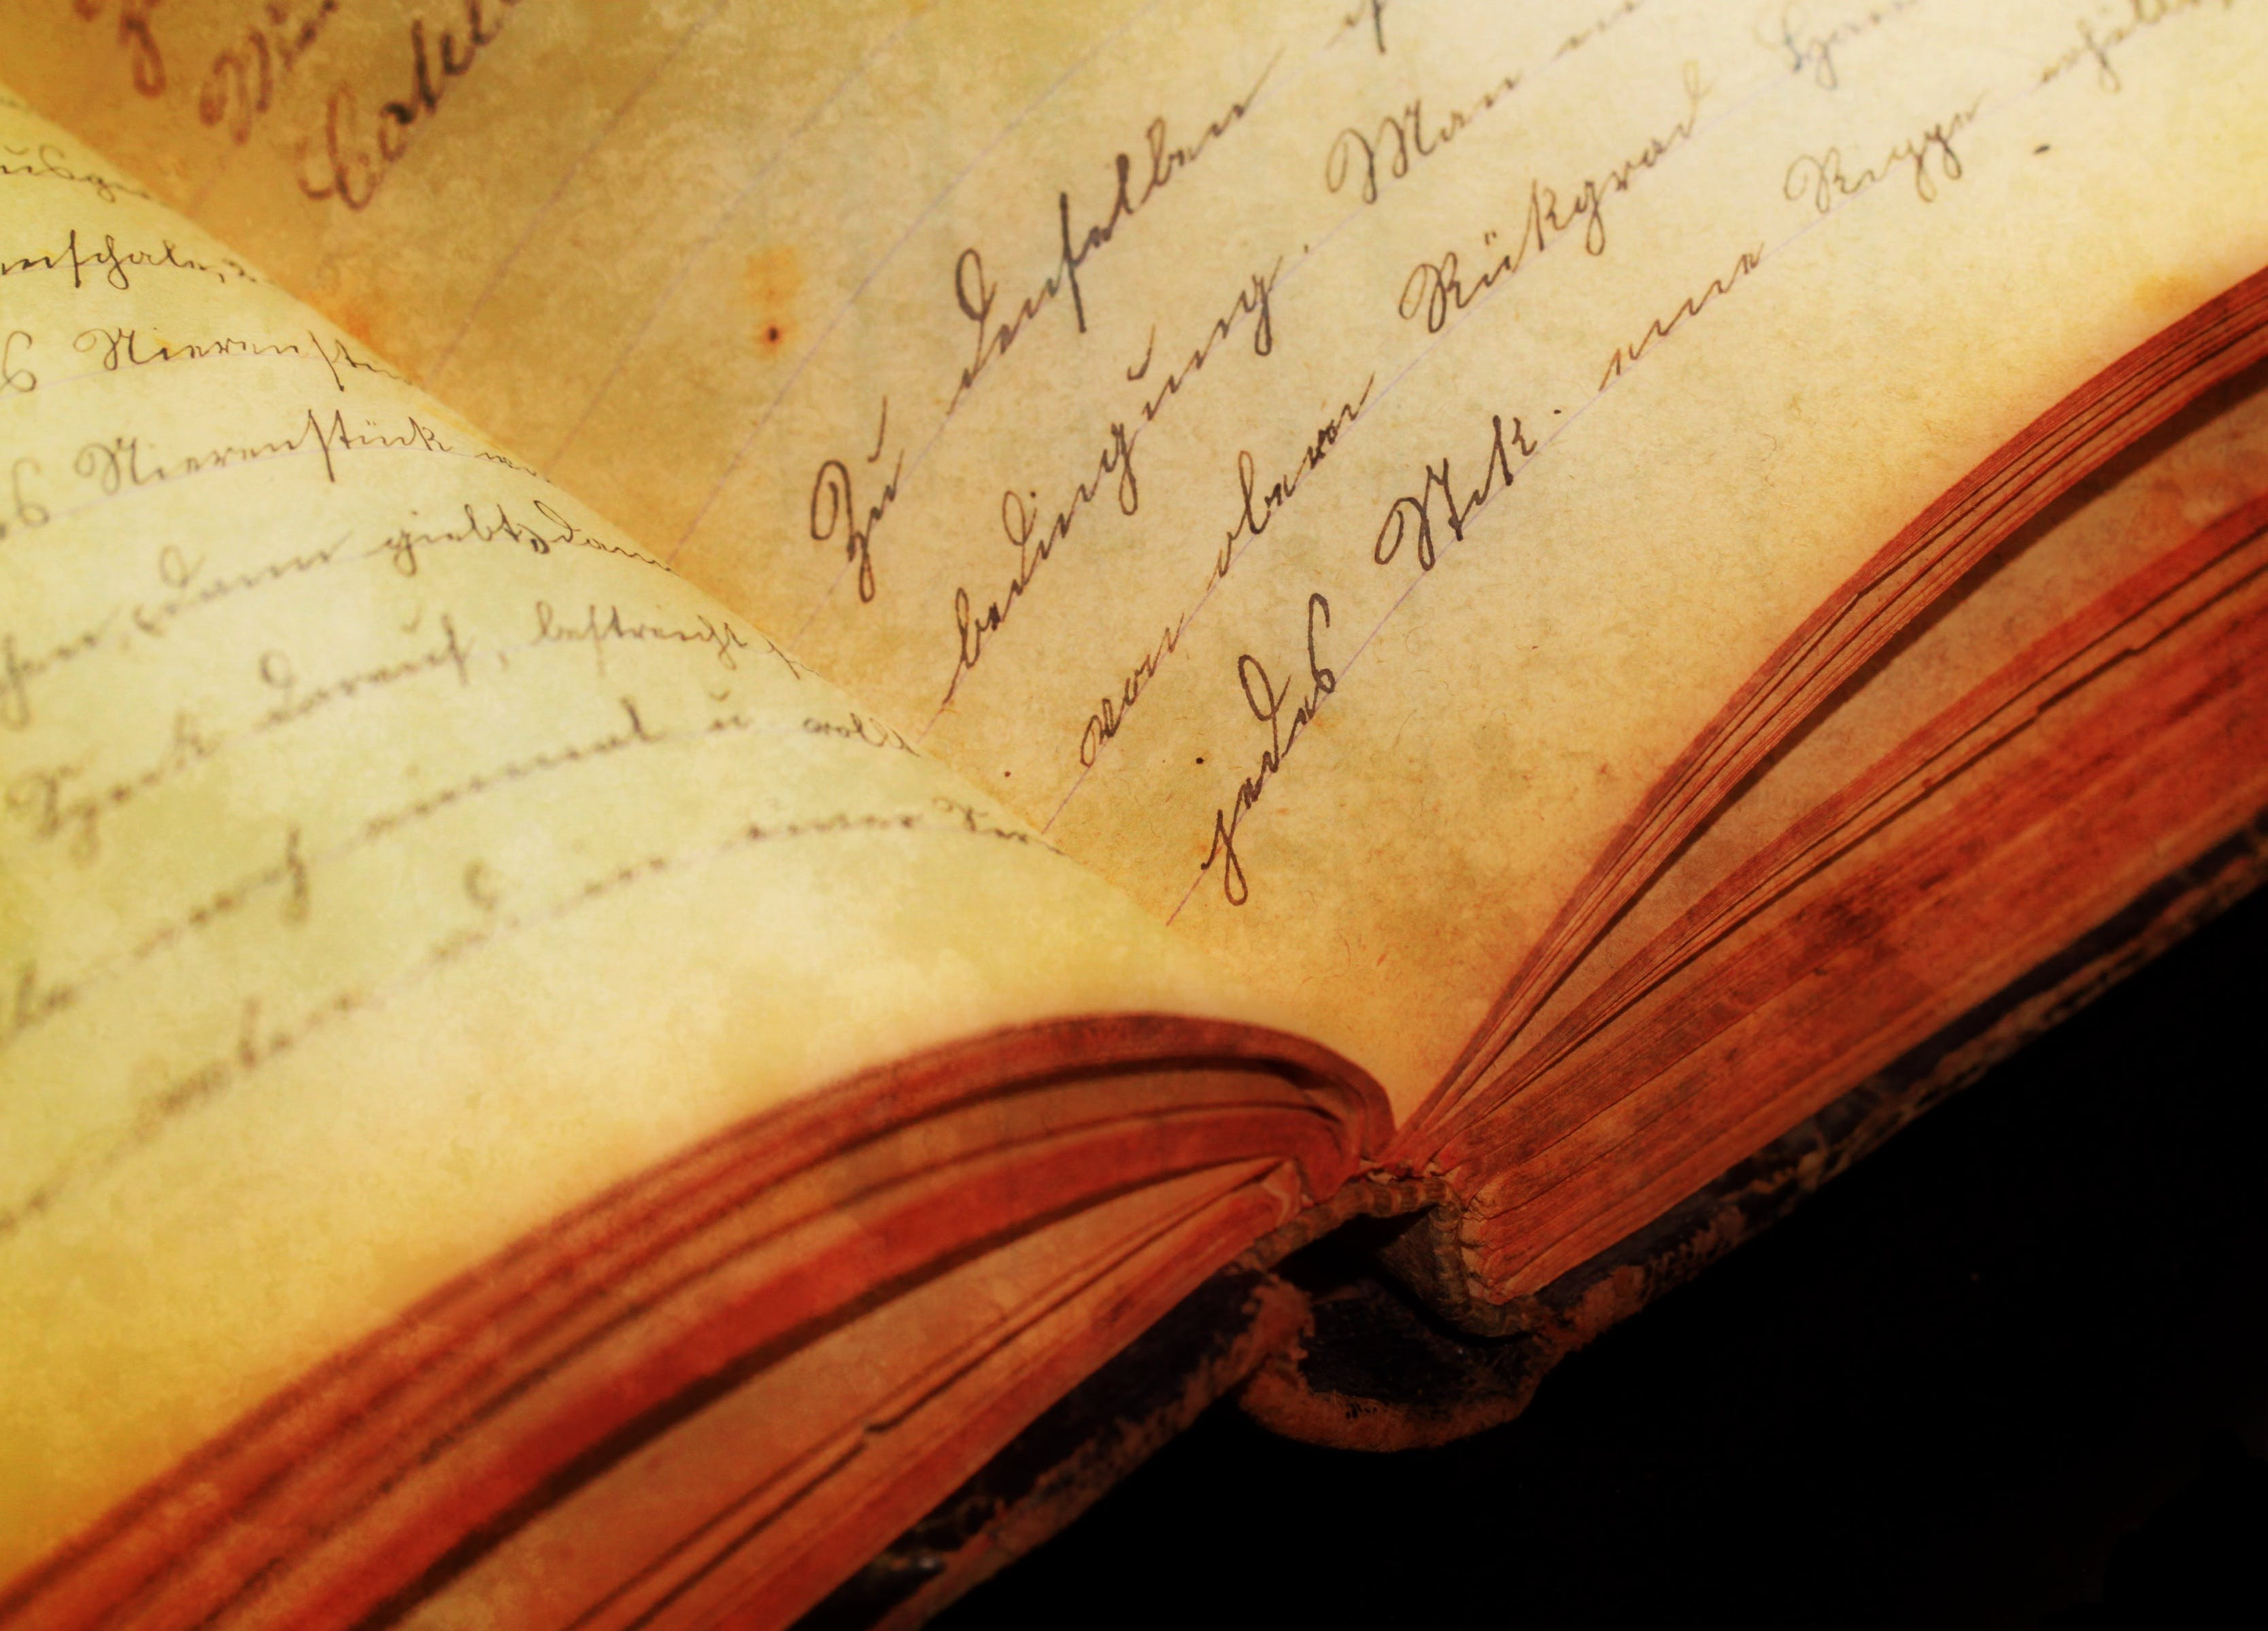 antique, book, close-up